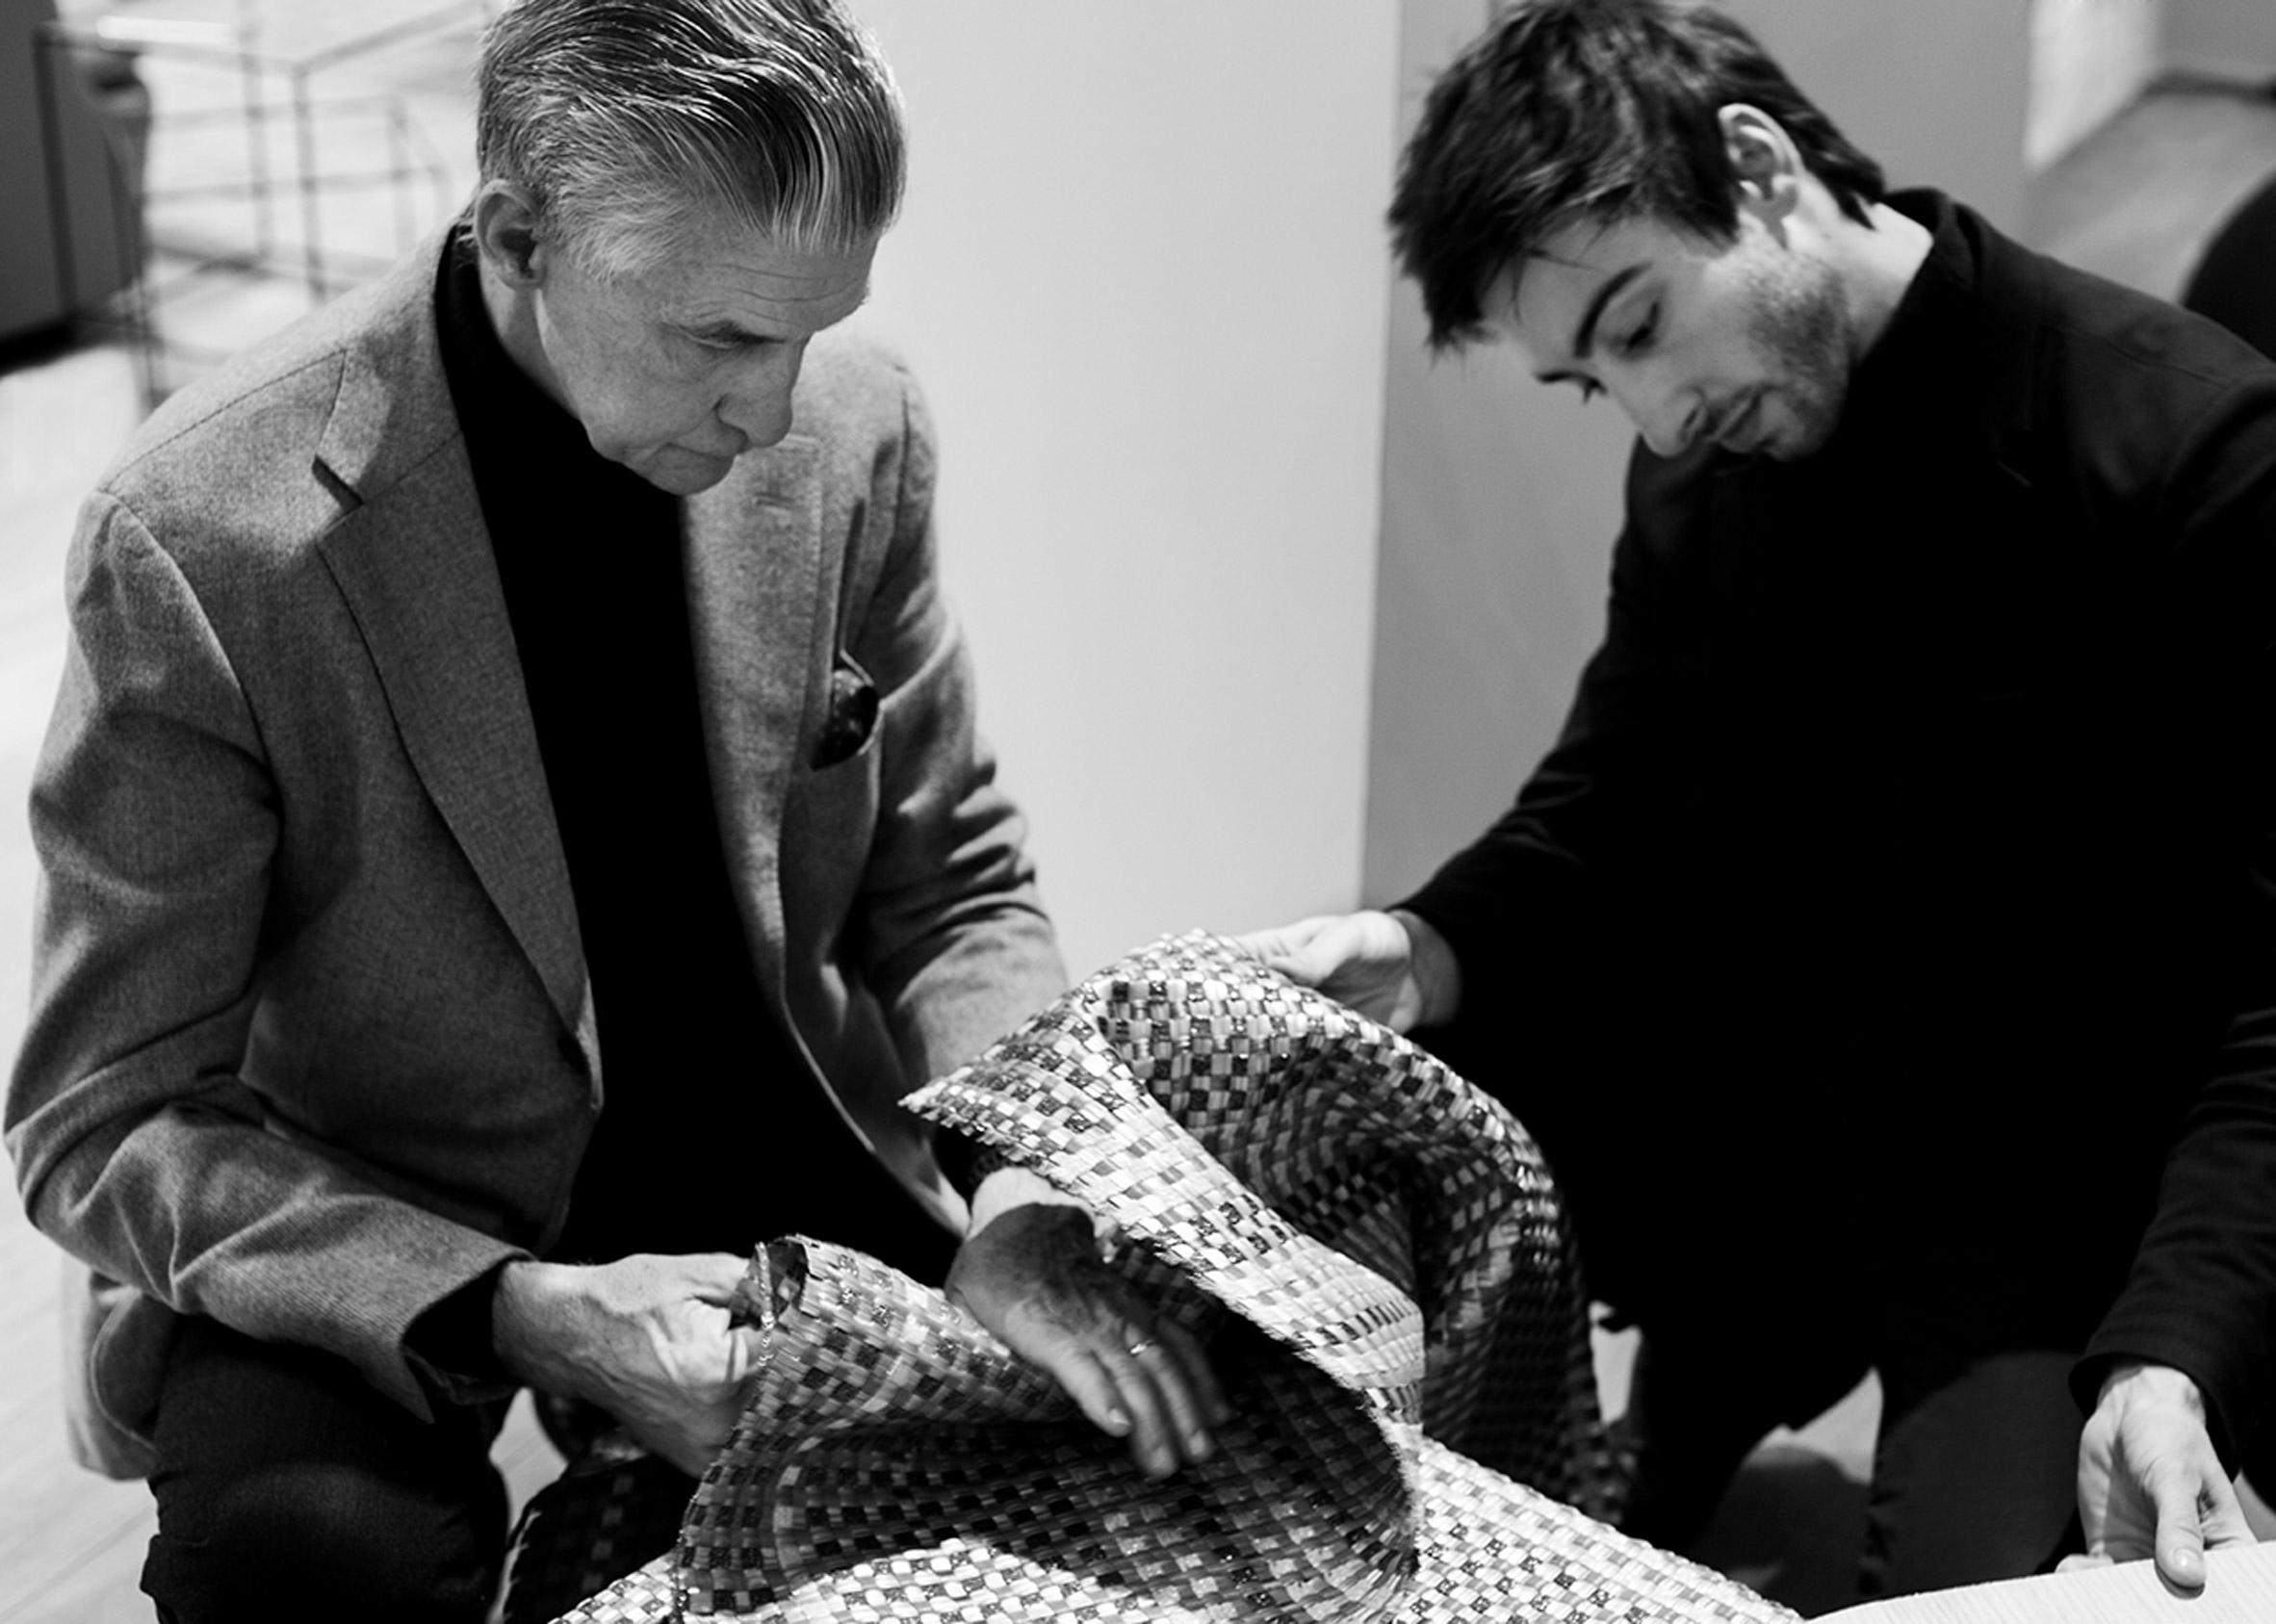 Bolon's collaboration with Cappellini